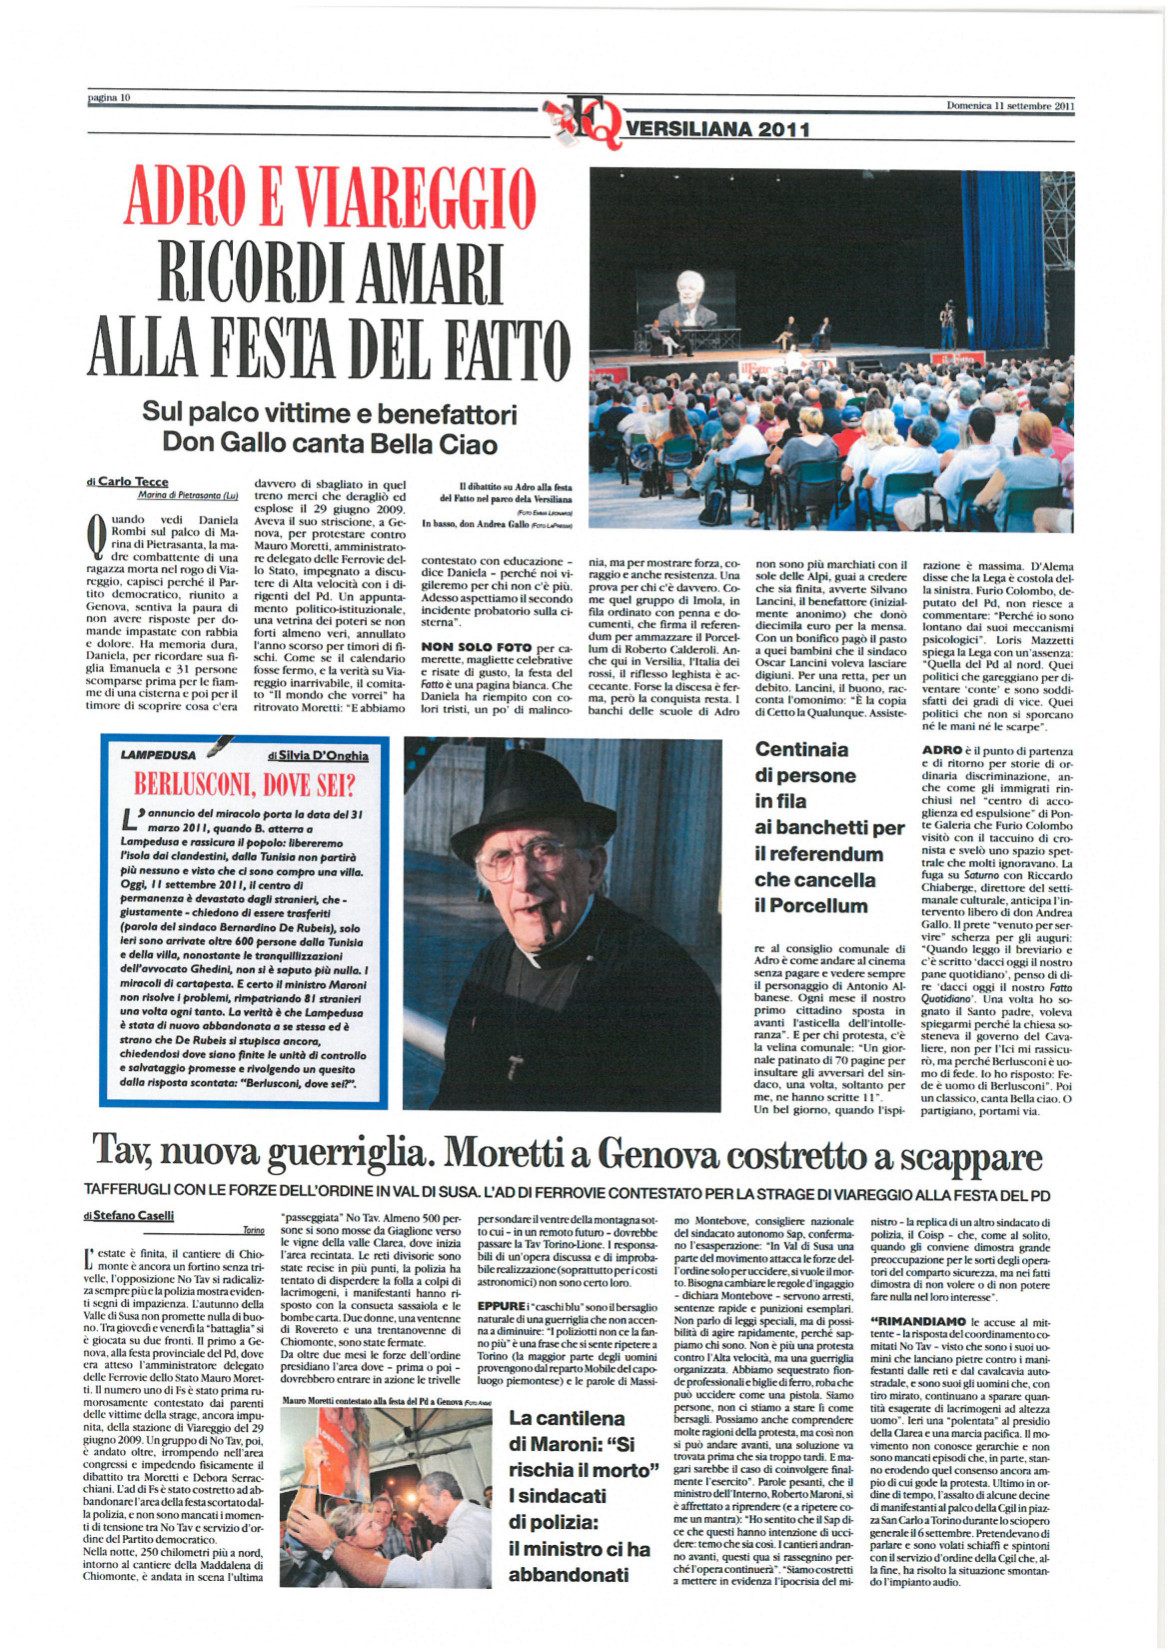 Anno-2011-news